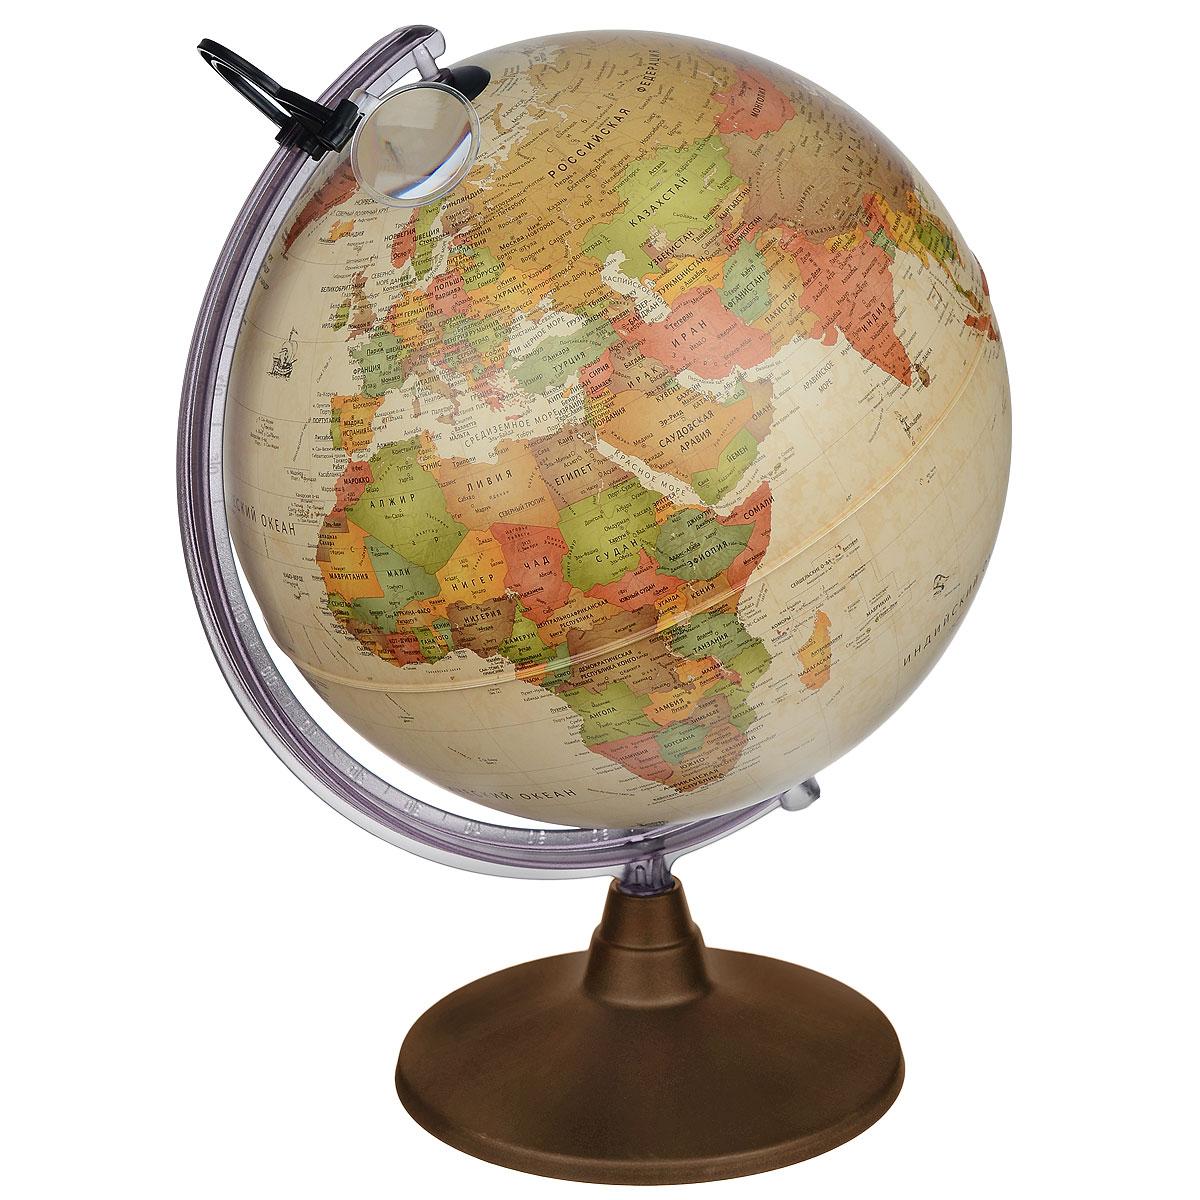 """Глобус """"Nova Rico """"Marco Polo"""" в античном стиле с политической картой мира выполнен в высоком качестве, с четким и ярким изображением. Он даст представление о политическом устройстве мира. На нем отображены линии картографической сетки, показаны границы государств и демаркационные линии, столицы и крупные населенные пункты, линия перемены дат. Легко вращается вокруг своей оси, снабжен прозрачным меридианом с лупой. Подставка изготовлена из пластика темно-коричневого цвета. Глобус имеет функцию подсветки от электрической сети, при включении которой становятся видны маршруты путешествий Магеллана, Кука, Васко де Гаммы и др. Надписи на глобусе сделаны на русском языке. Настольный глобус Nova Rico """"Marco Polo"""" станет оригинальным украшением рабочего стола или вашего кабинета. Это изысканная вещь для стильного интерьера, которая станет прекрасным подарком для современного преуспевающего человека, следующего последним тенденциям моды и стремящегося к..."""